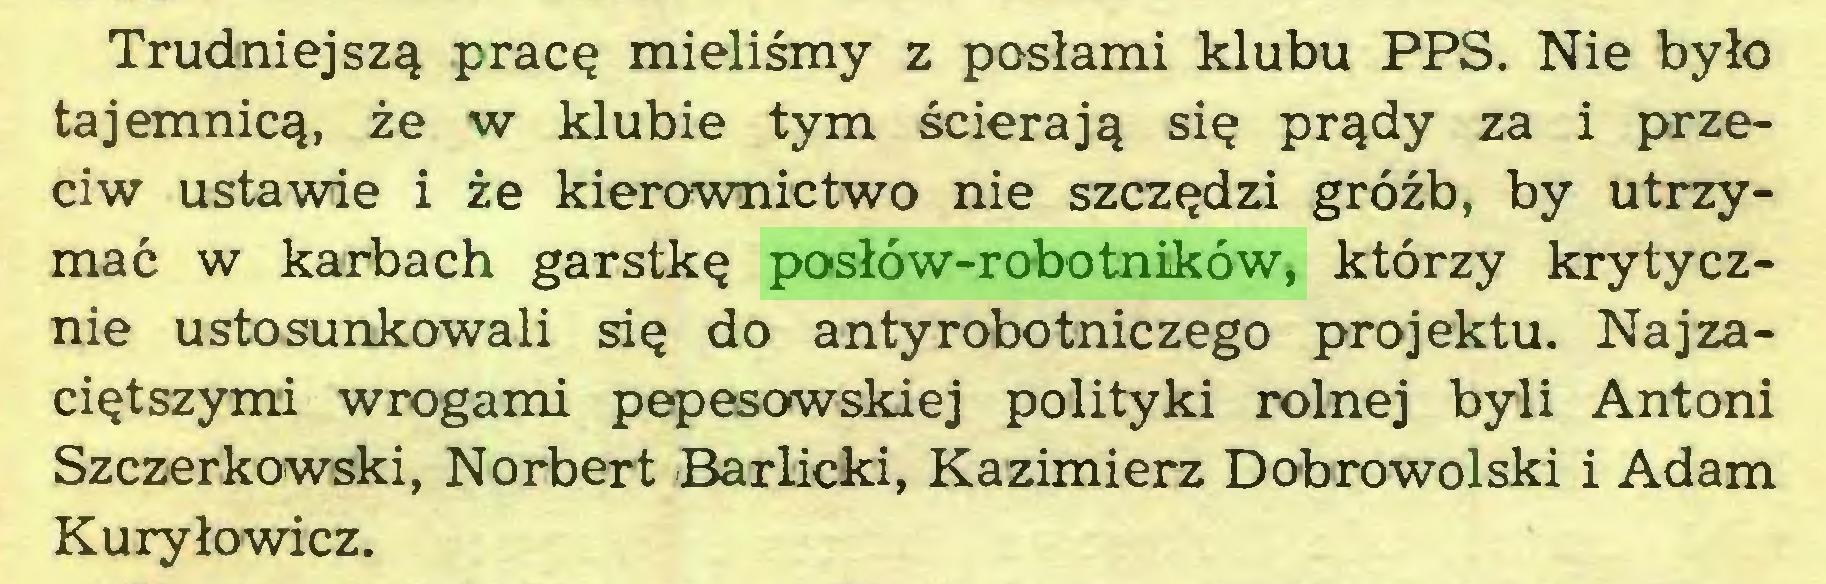 (...) Trudniejszą pracę mieliśmy z posłami klubu PPS. Nie było tajemnicą, że w klubie tym ścierają się prądy za i przeciw ustawie i że kierownictwo nie szczędzi gróźb, by utrzymać w karbach garstkę posłów-robotników, którzy krytycznie ustosunkowali się do antyrobotniczego projektu. Najzaciętszymi wrogami pepesowskiej polityki rolnej byli Antoni Szczerkowski, Norbert Barlicki, Kazimierz Dobrowolski i Adam Kuryłowicz...